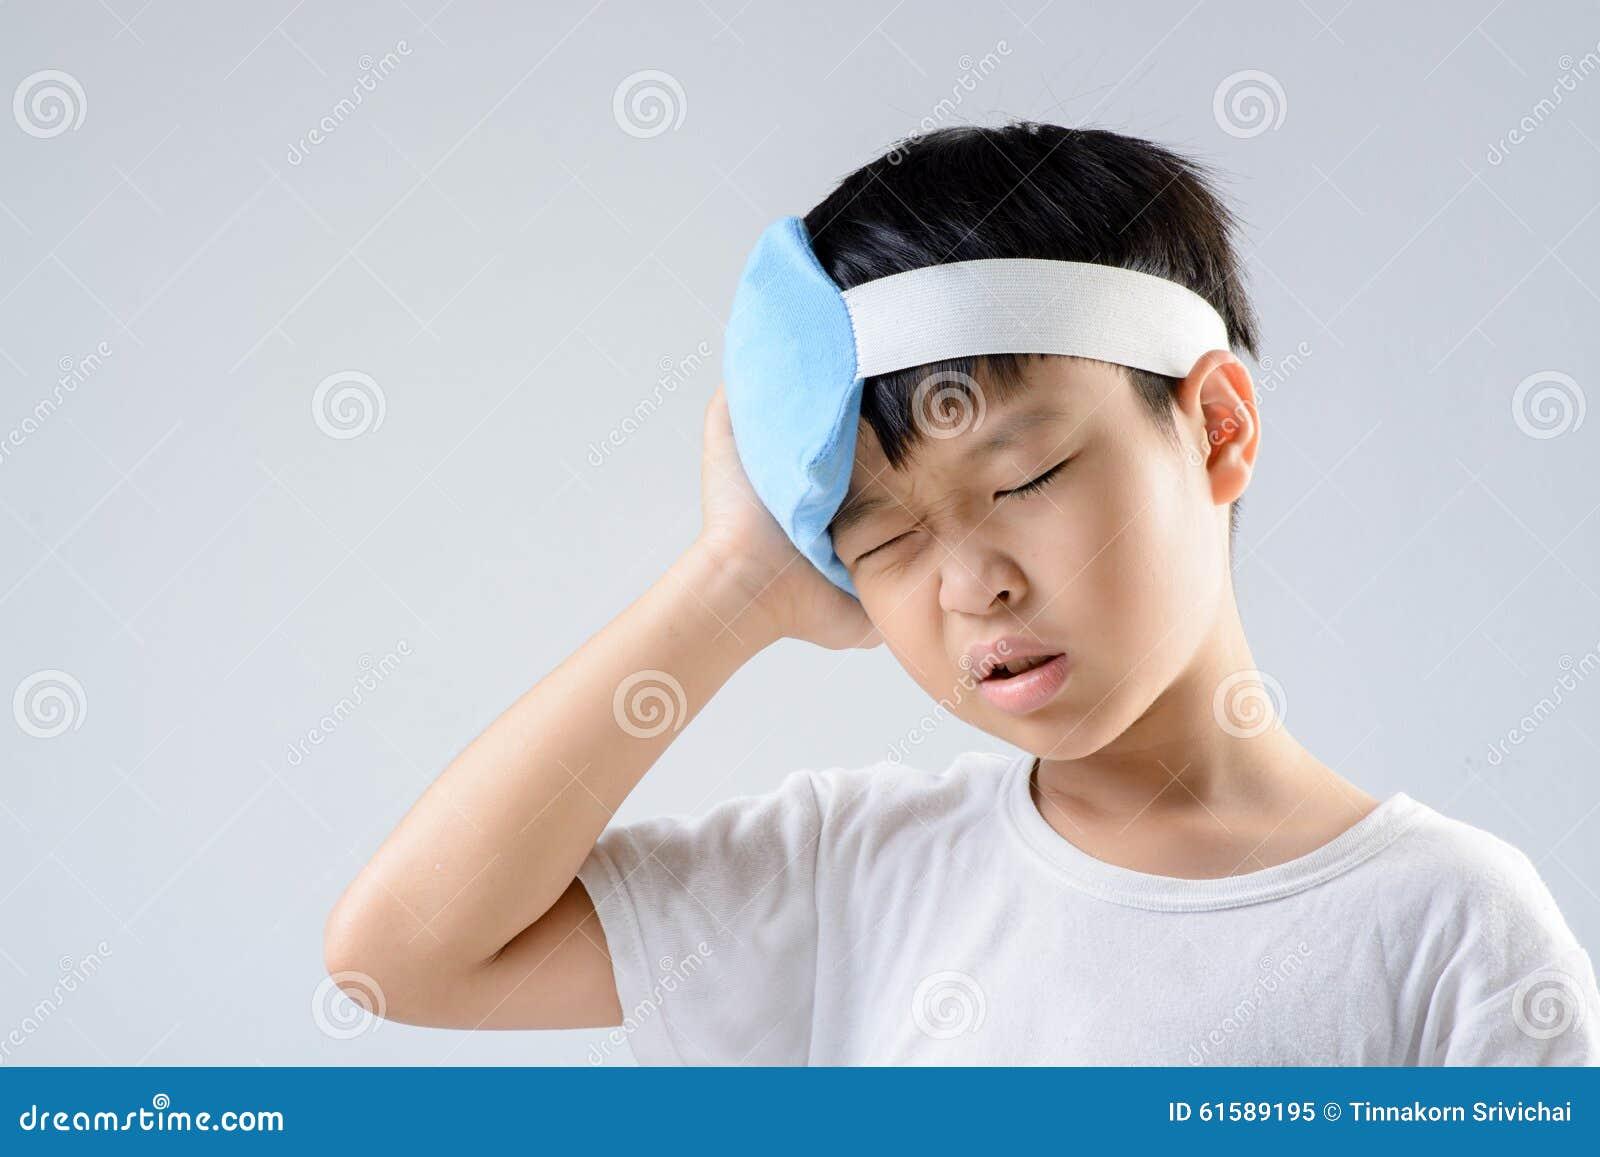 Πονοκέφαλος αγοριών και πακέτο πηκτωμάτων πάγου